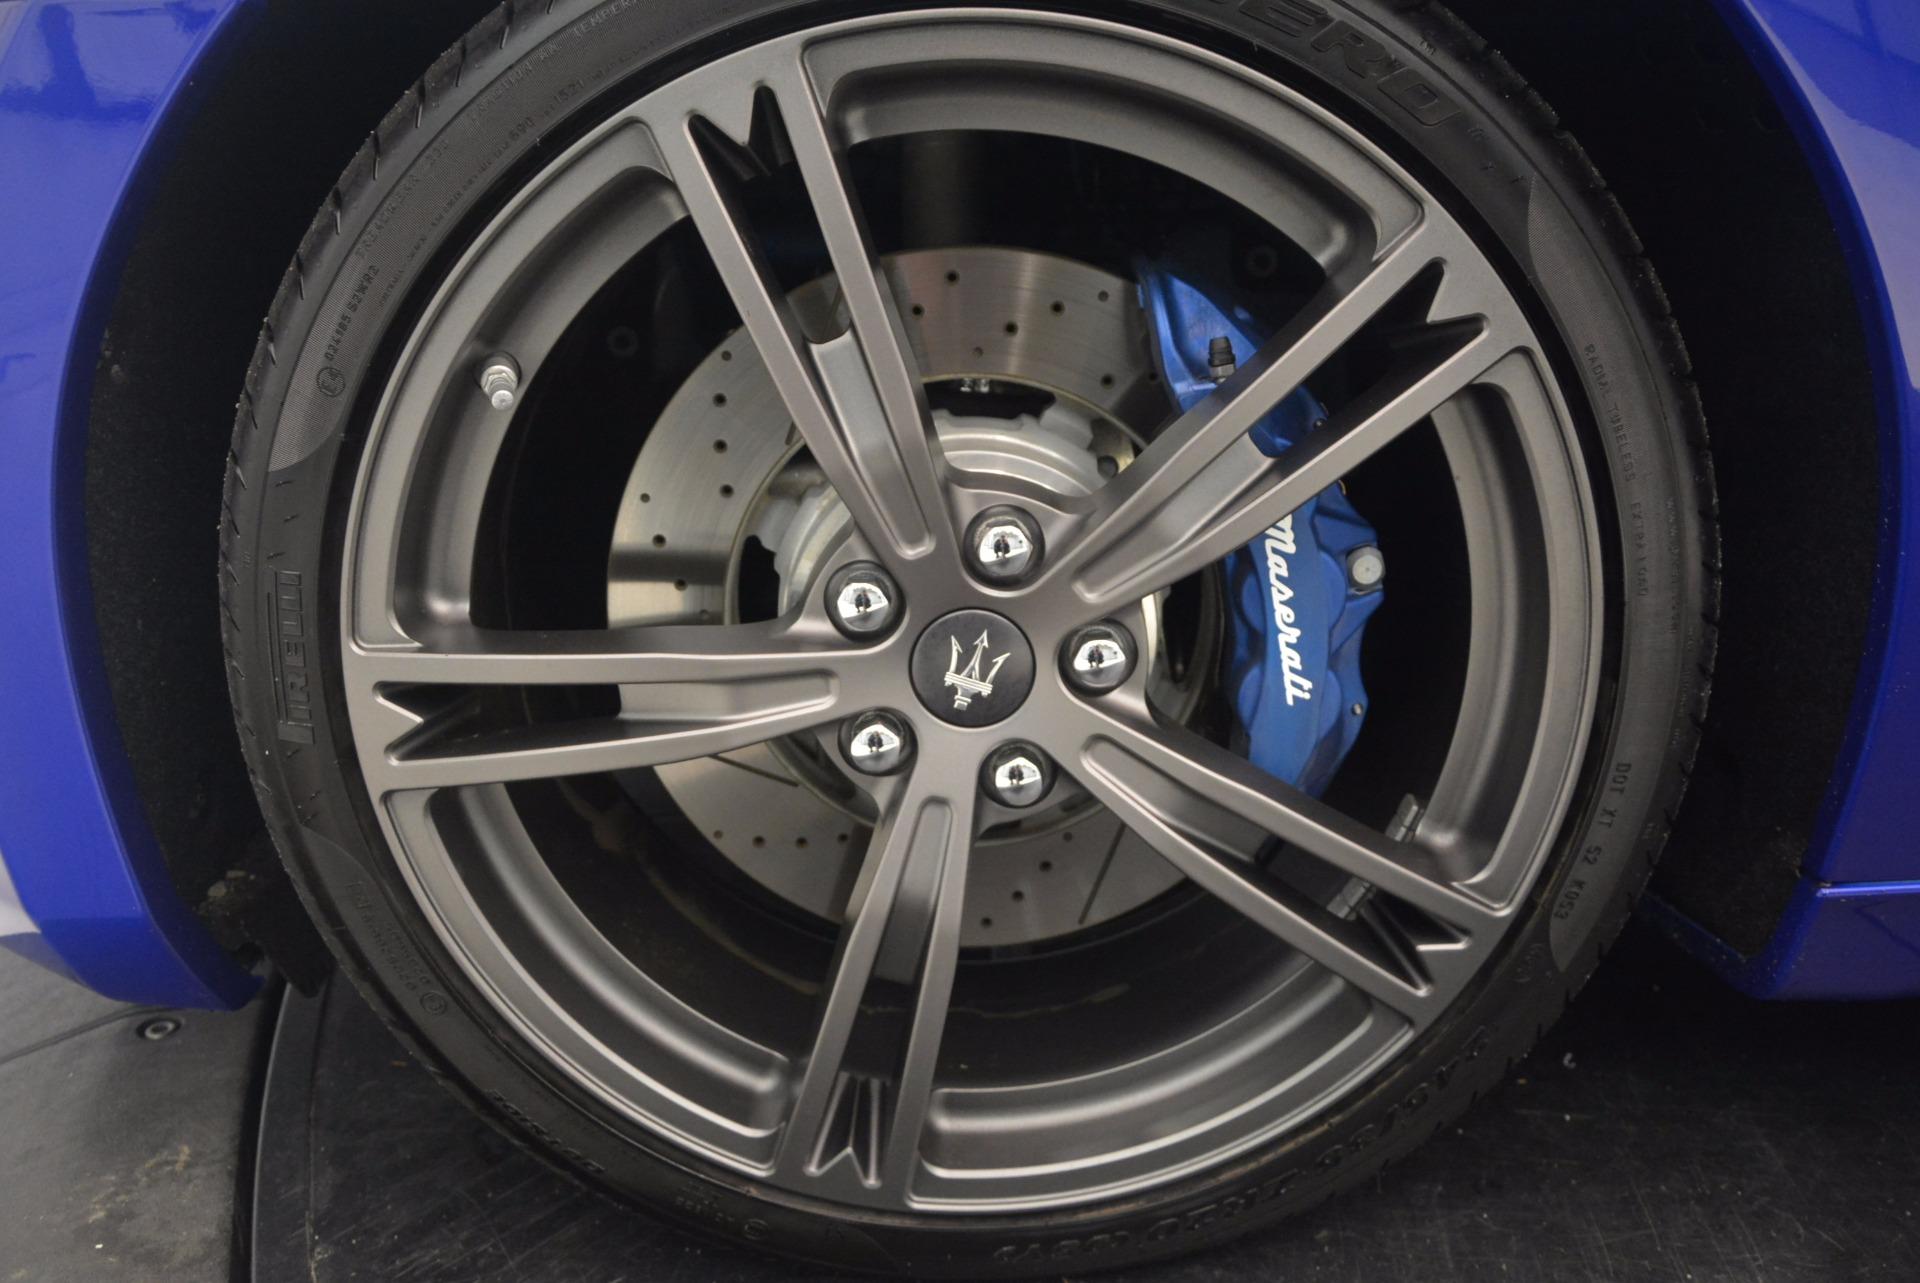 New-2017-Maserati-GranTurismo-Sport-Coupe-Special-Edition